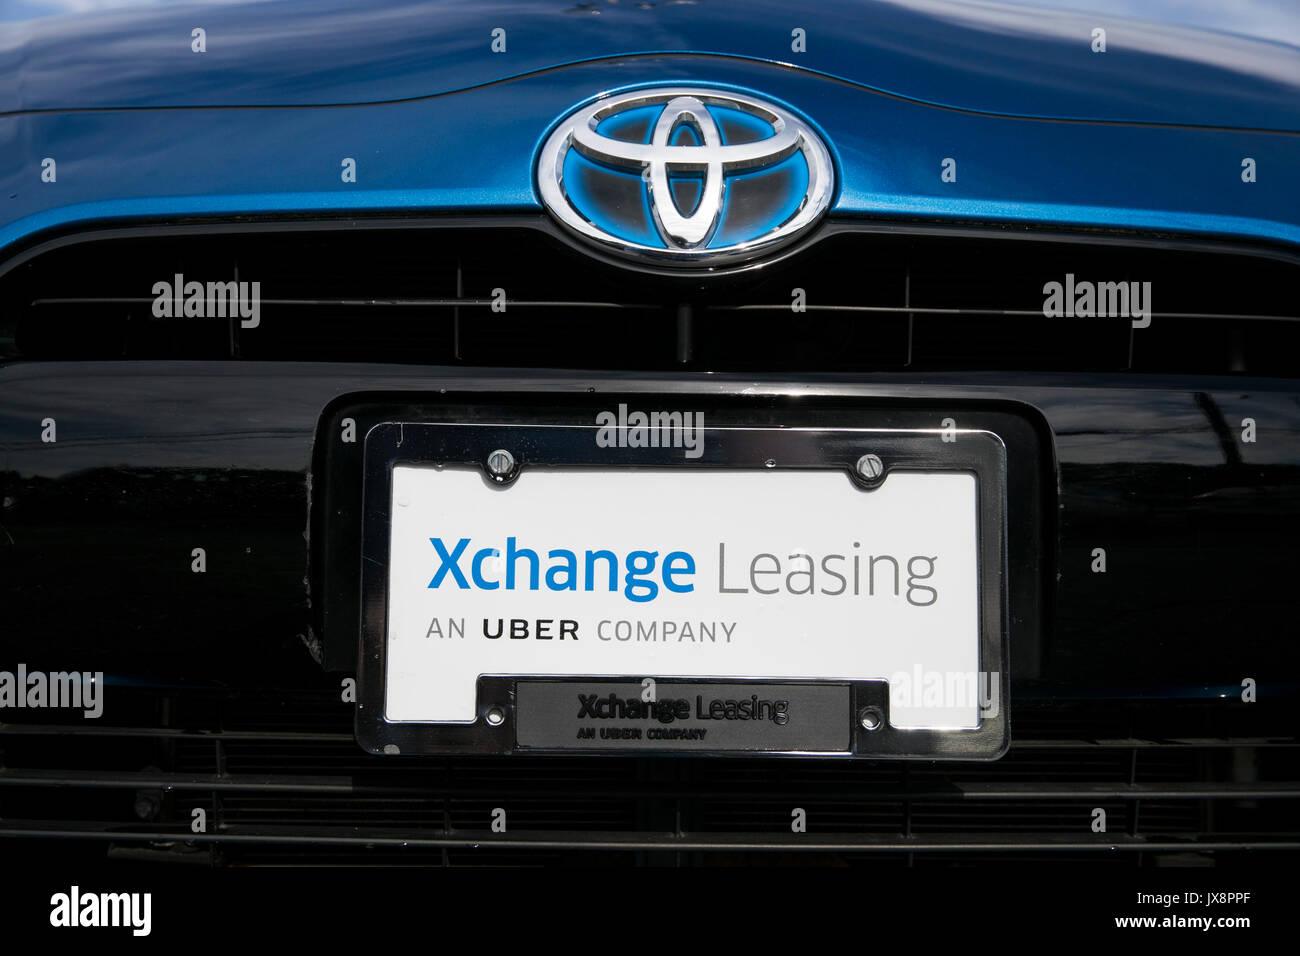 Xchange Stock Photos & Xchange Stock Images - Alamy